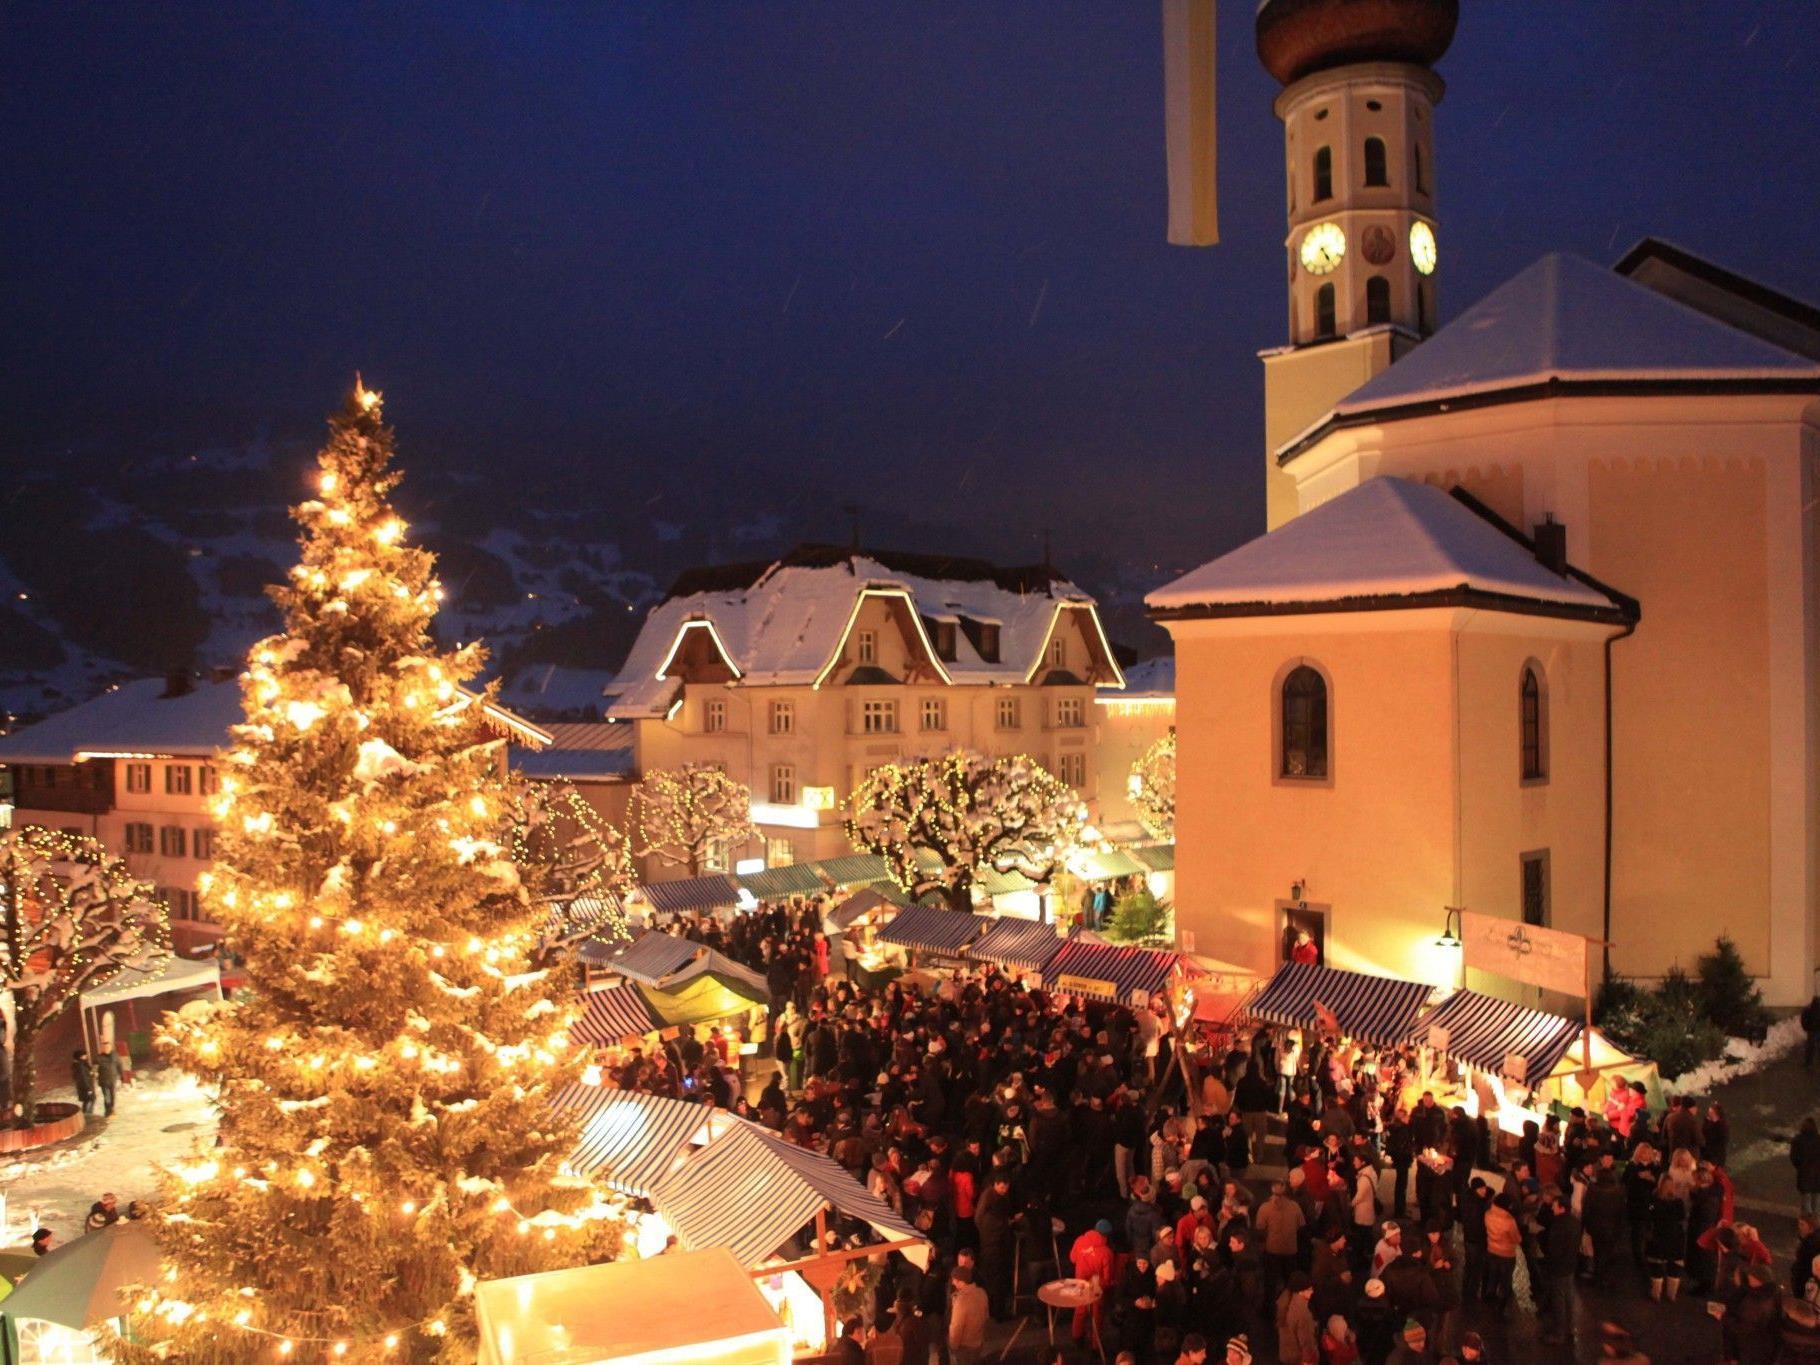 Der Silbriga Sonntig Markt als Publikumsmagnet und Treffpunkt in der Adventzeit